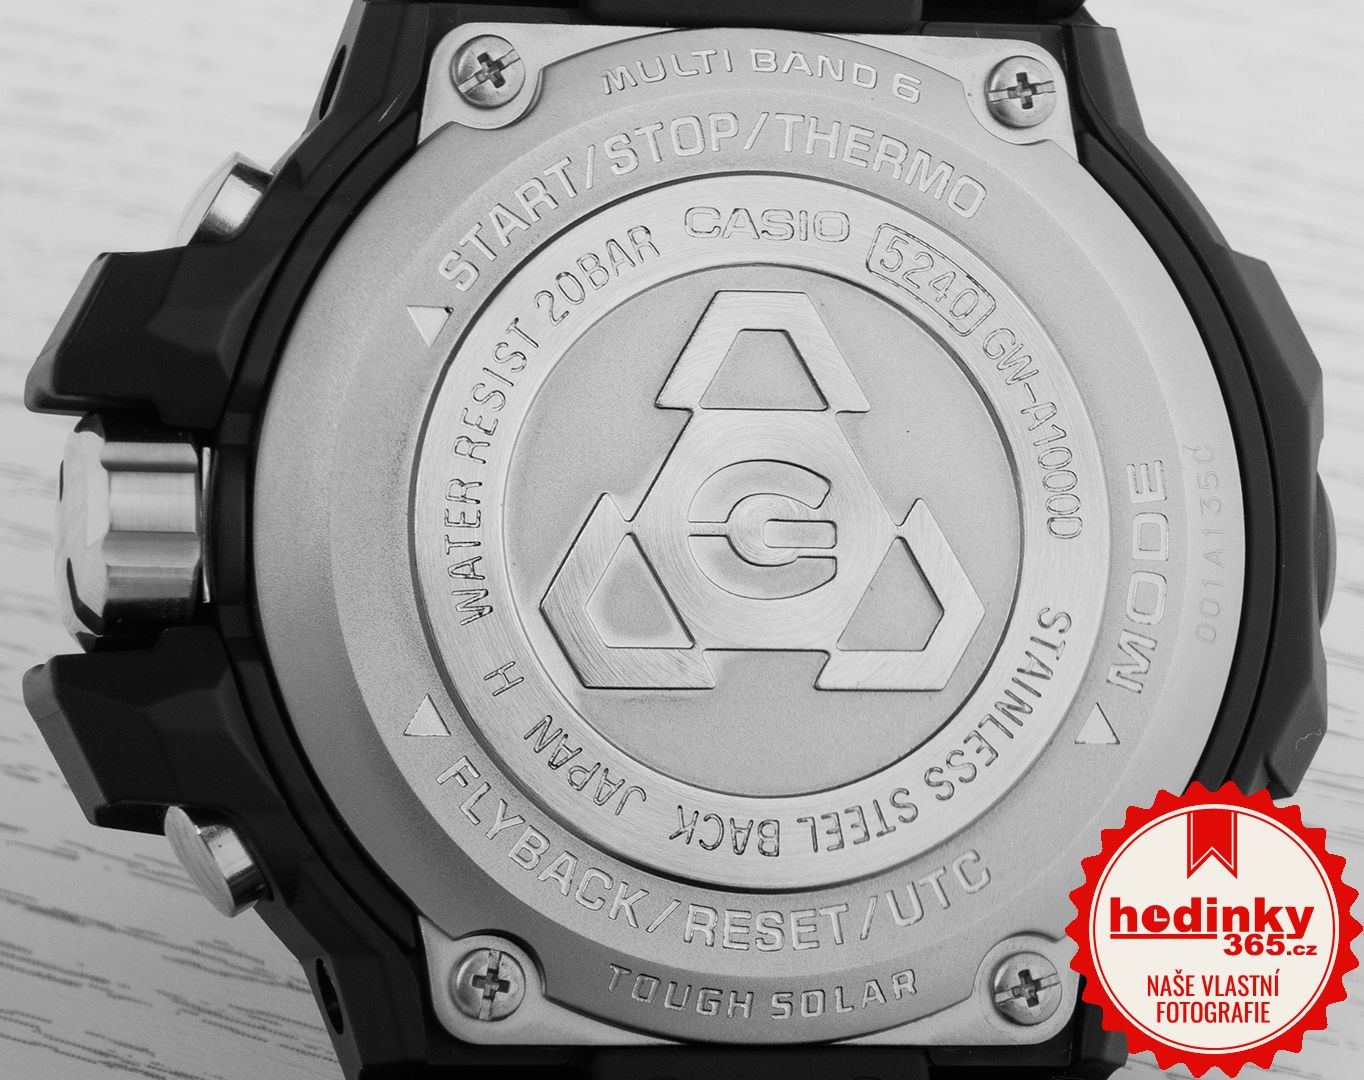 Casio G-Shock Gravitymaster GW-A1000D-1AER  82f03500dc